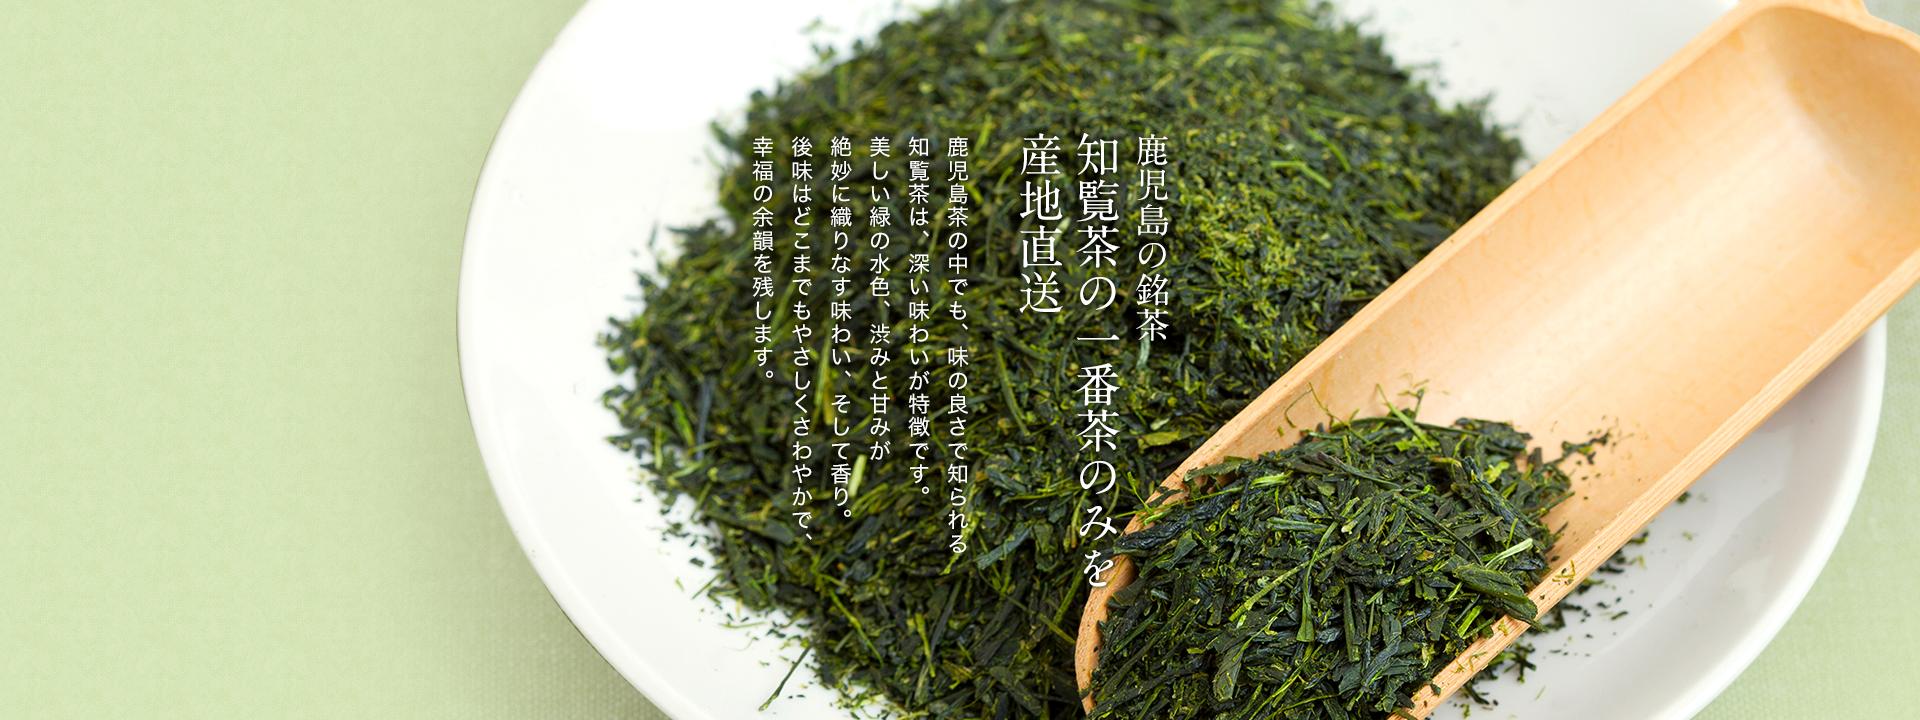 鹿児島の銘茶、知覧茶の一番茶のみを産地直送